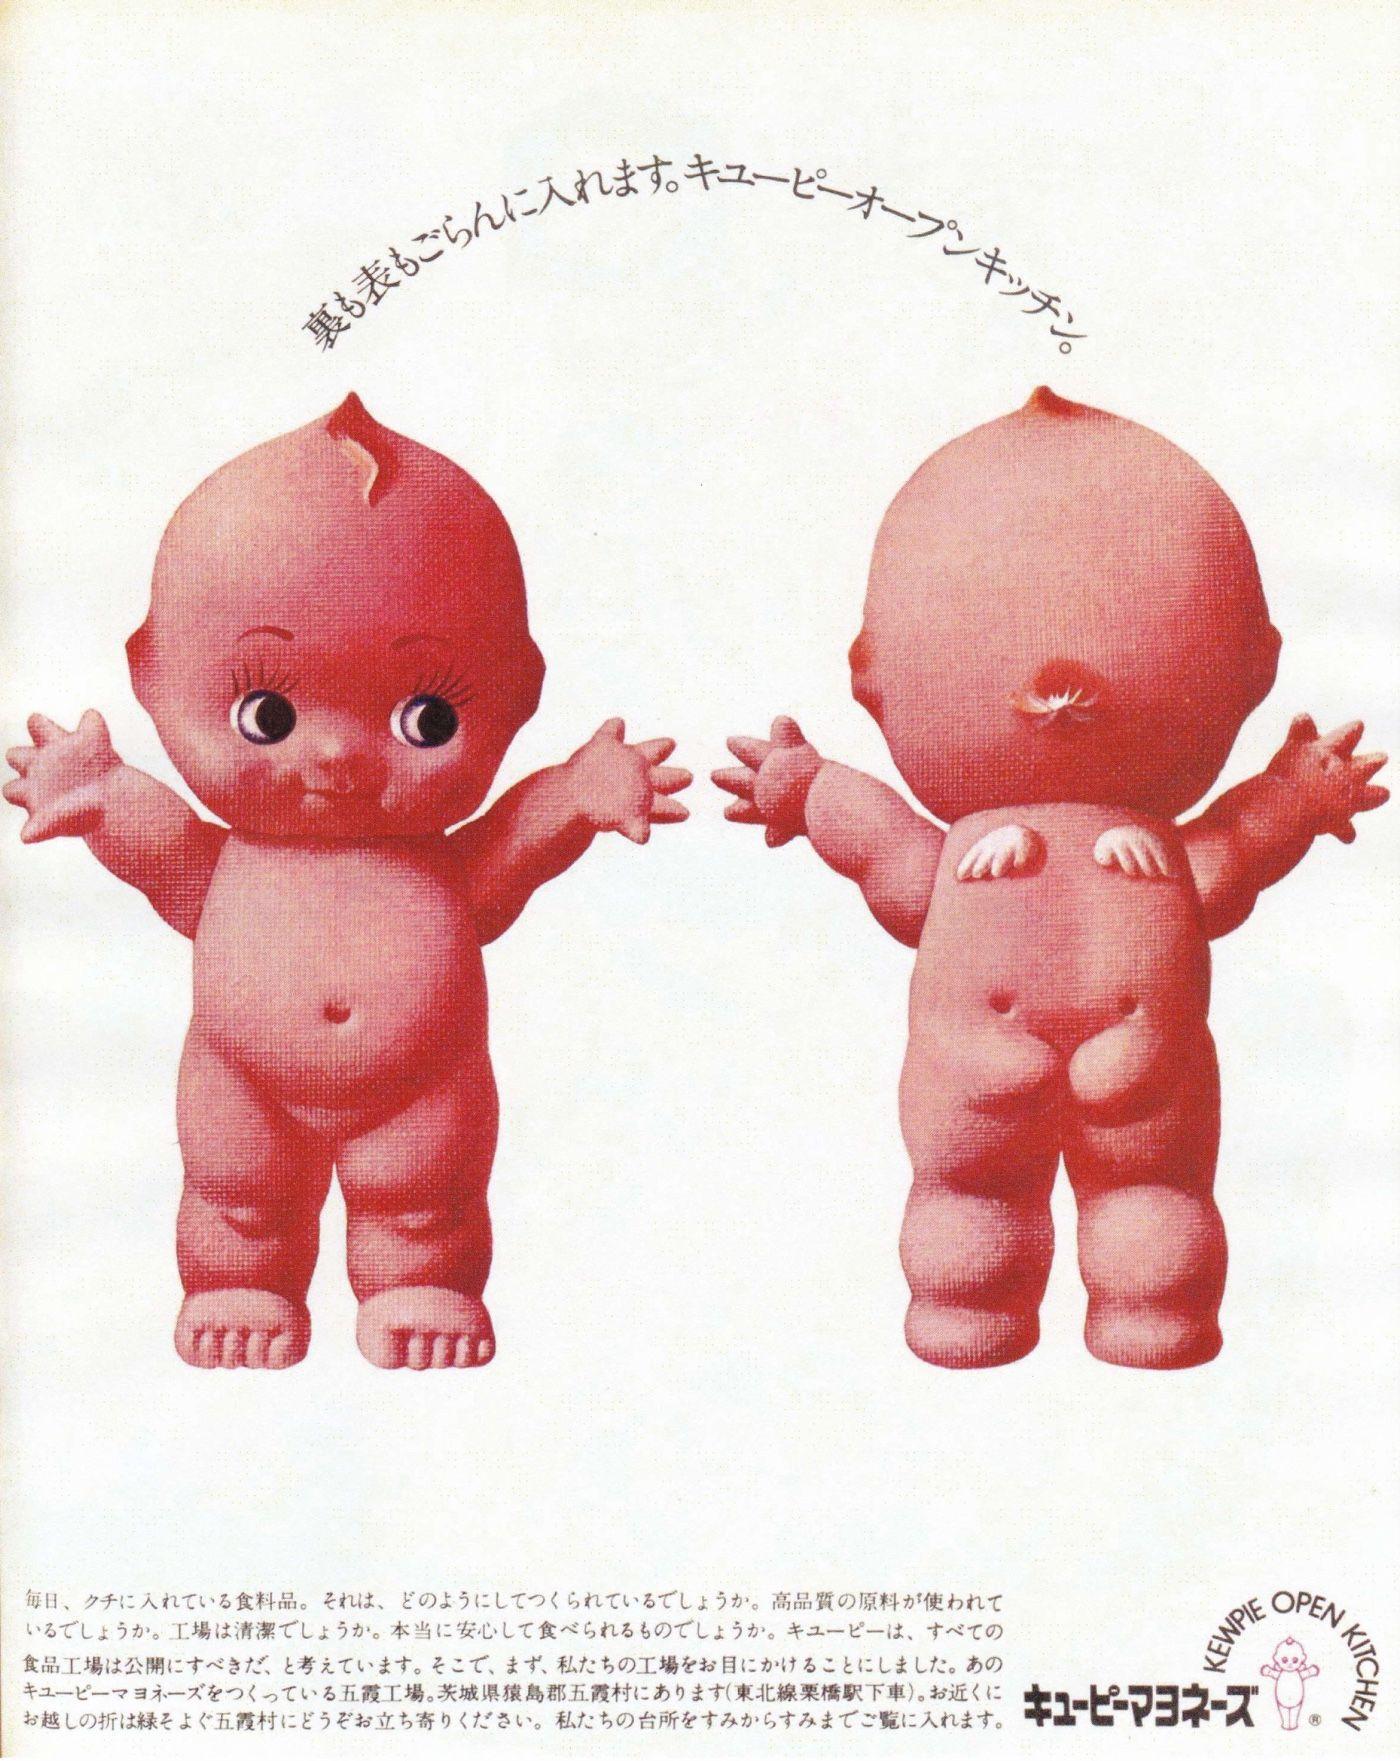 キユーピー キューピーマヨネーズ 広告 1973 キューピー 古い広告 レトロな広告